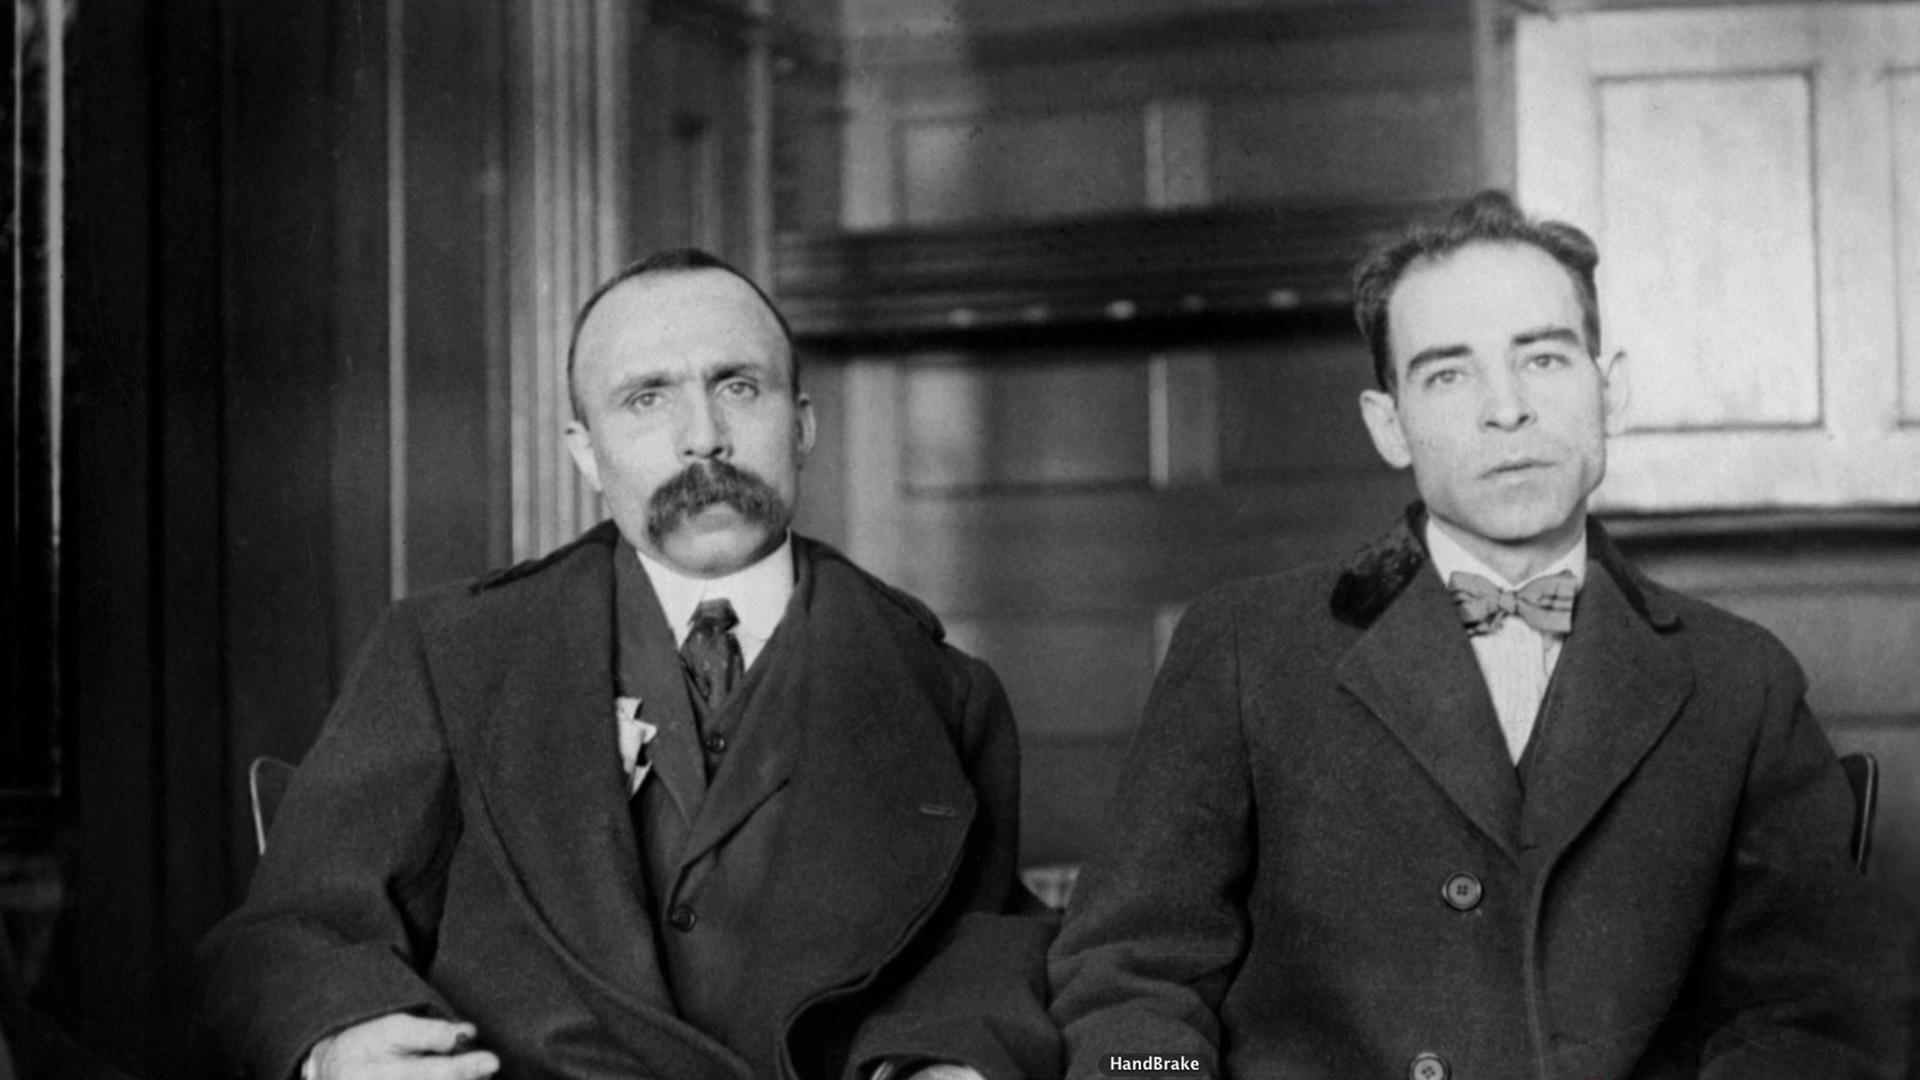 La ejecución de los anarquistas Sacco y Vanzetti: el odio de un juez, un alegato que se convirtió en poema y un final en la silla eléctrica - Infobae